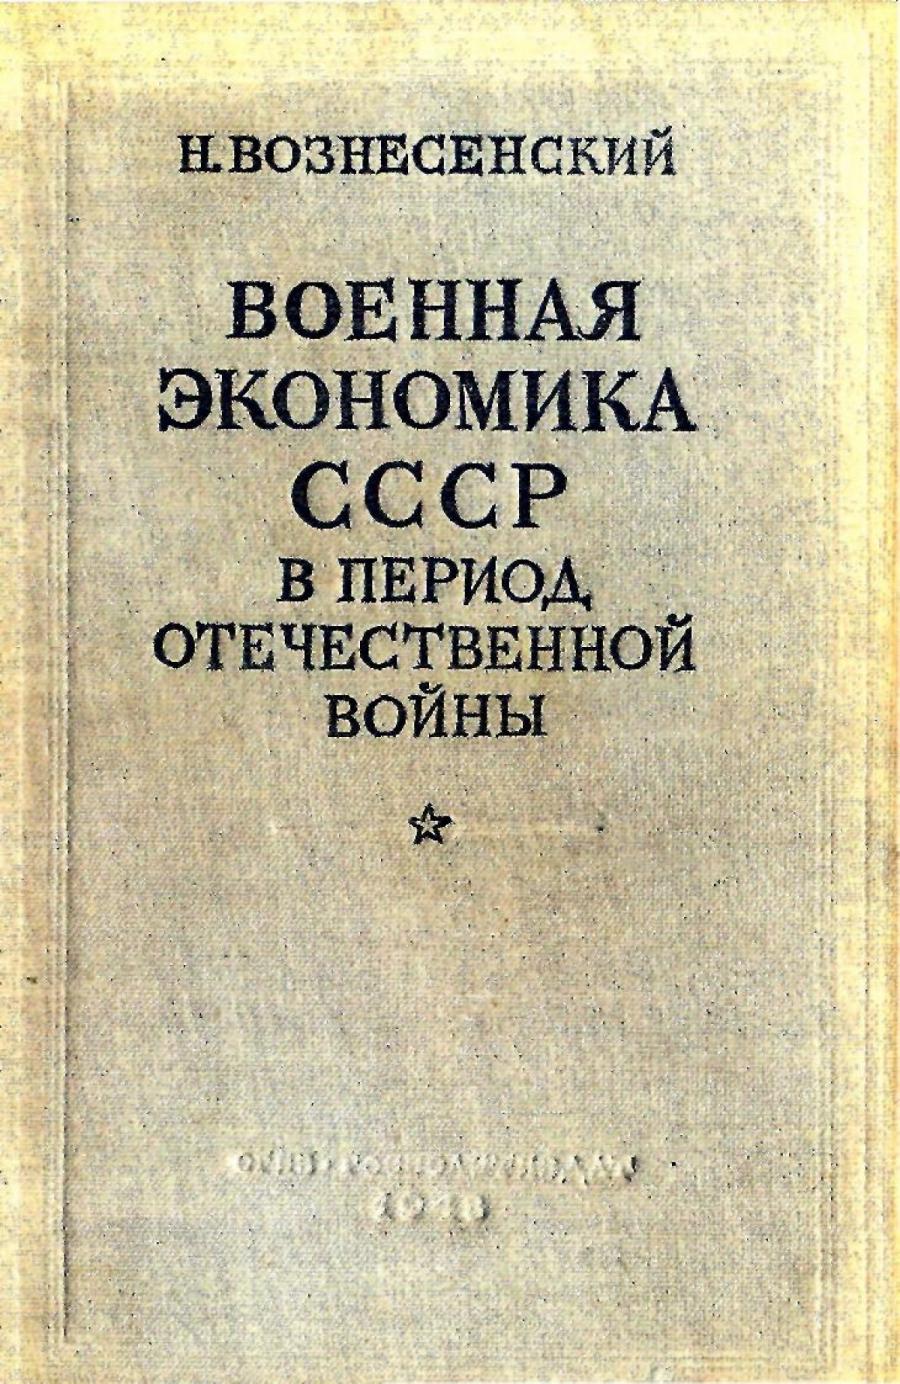 Обложка книги:  вознесенский н. - военная экономика ссср в период отечественной войны